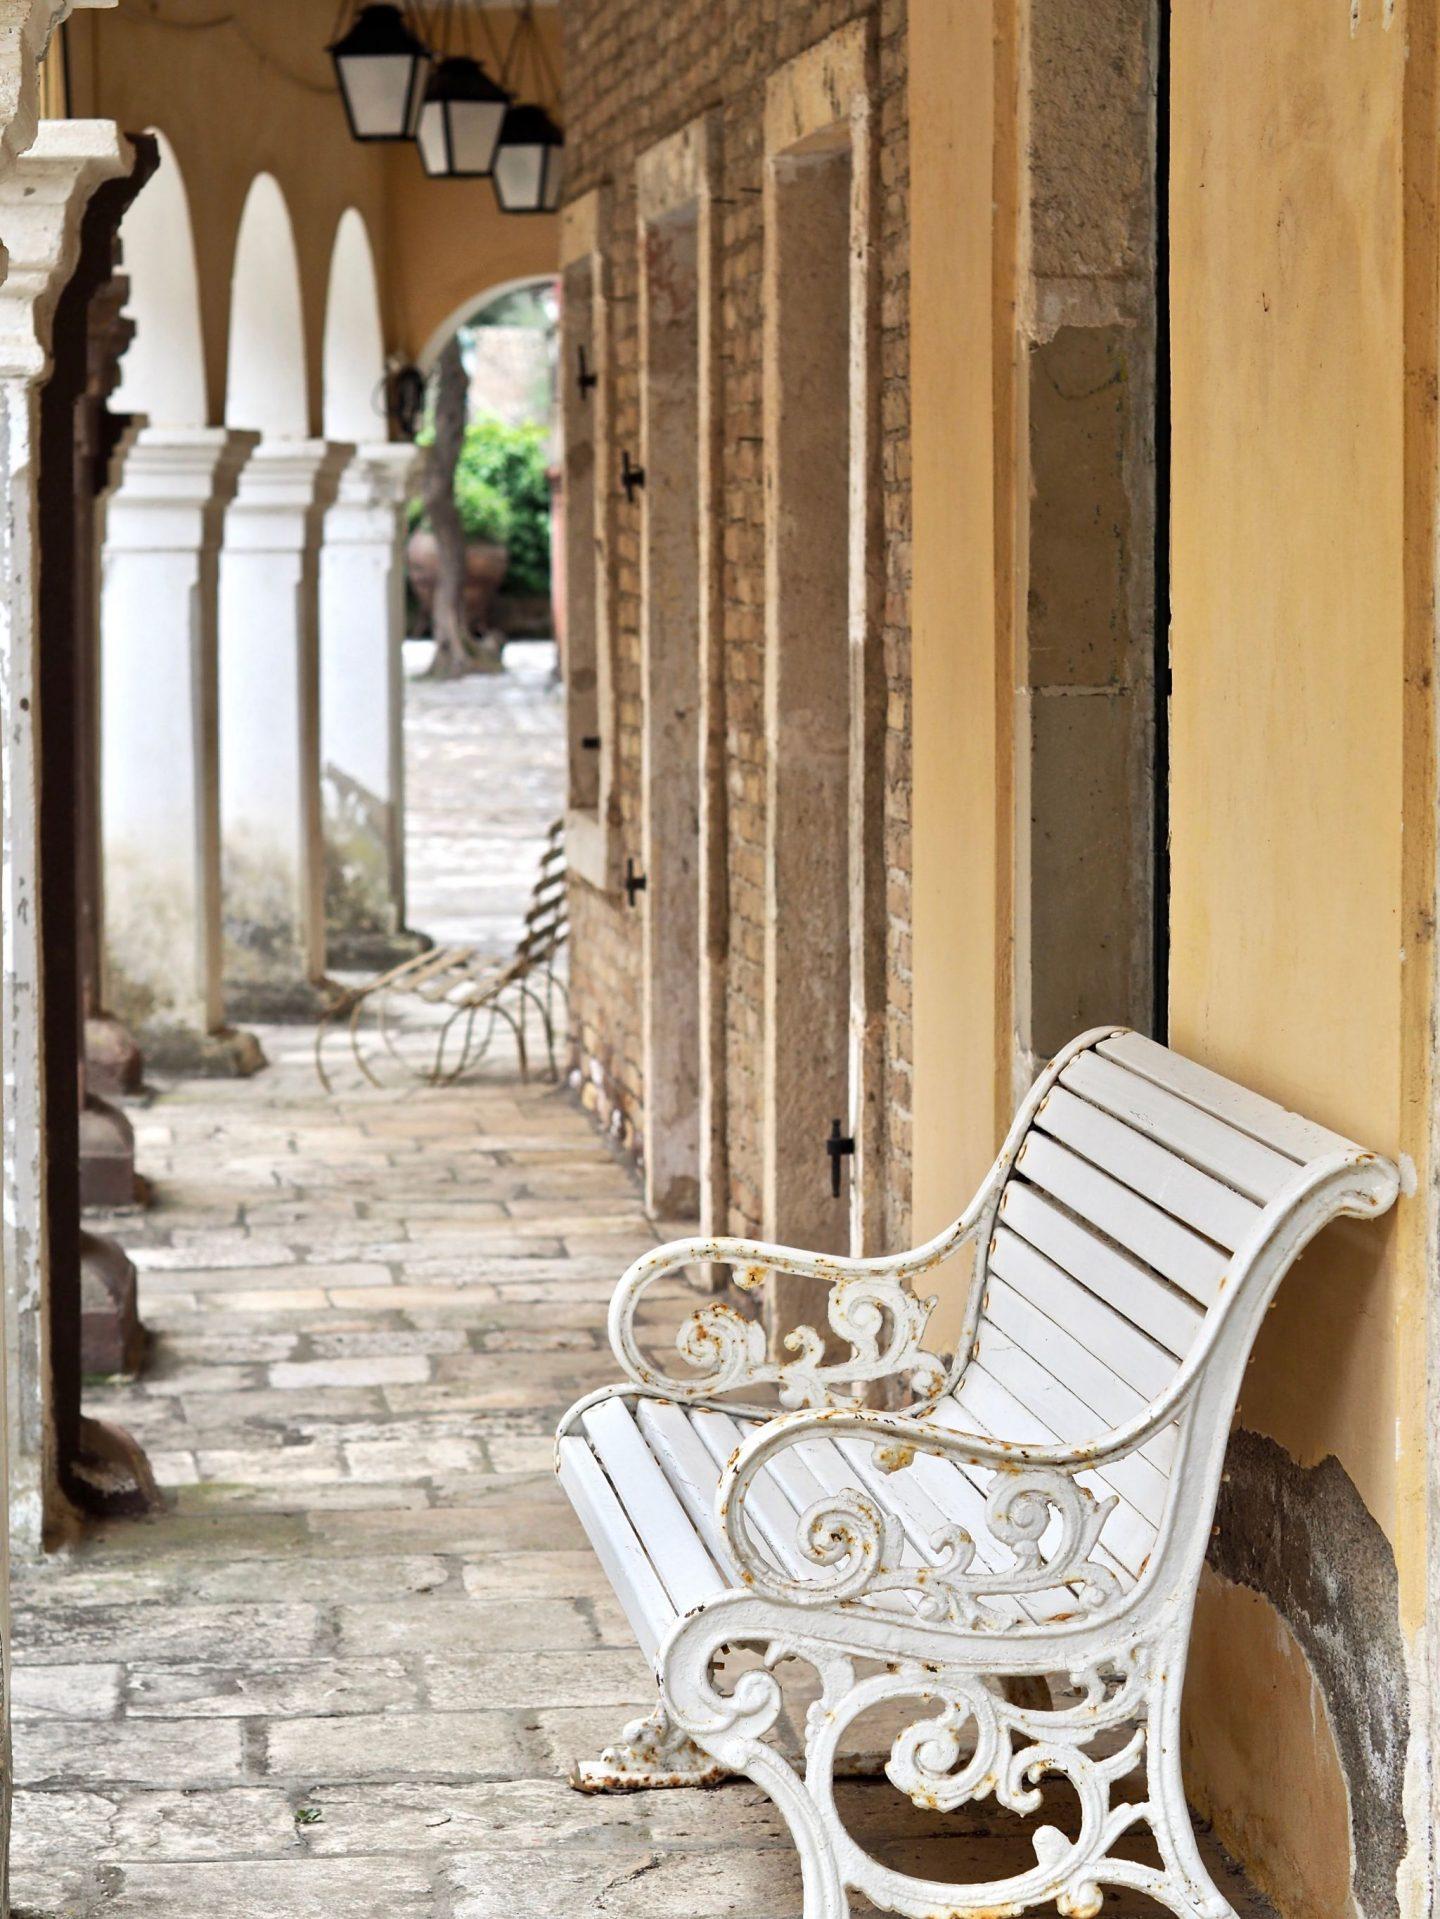 Danilia Village, UNESCO, Corfu Town, Ultimate Luxury, Corfu 2018, Grecotel Corfu Imperial, Hello Peagreen, travel blogger